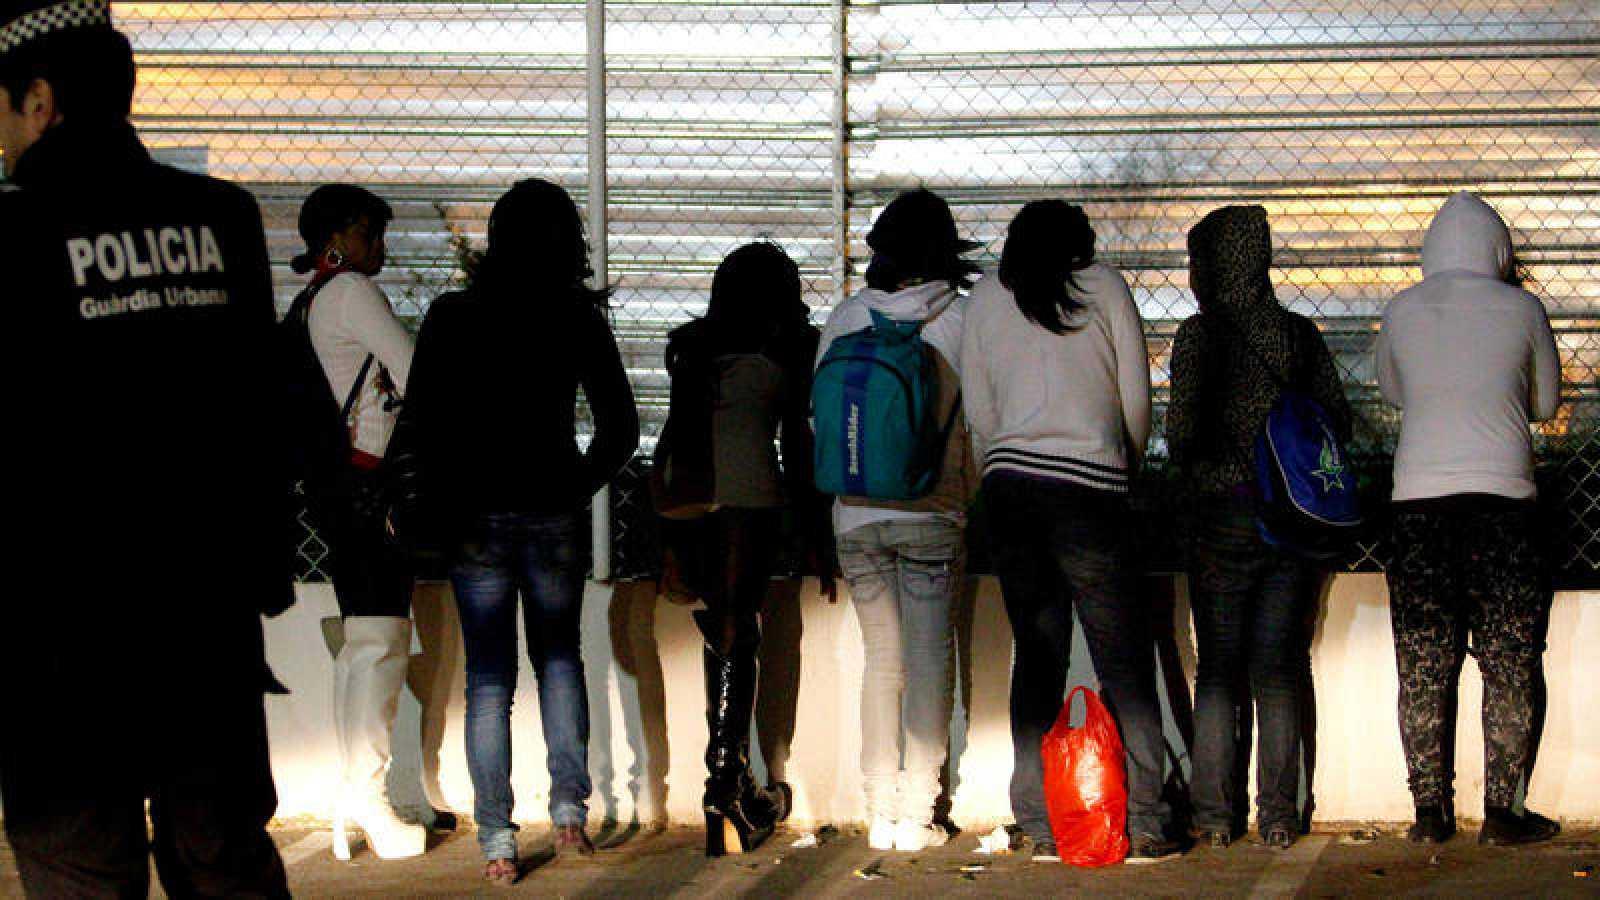 Imagen de archivo de una redada policial contra la prostitución callejera en Barcelona